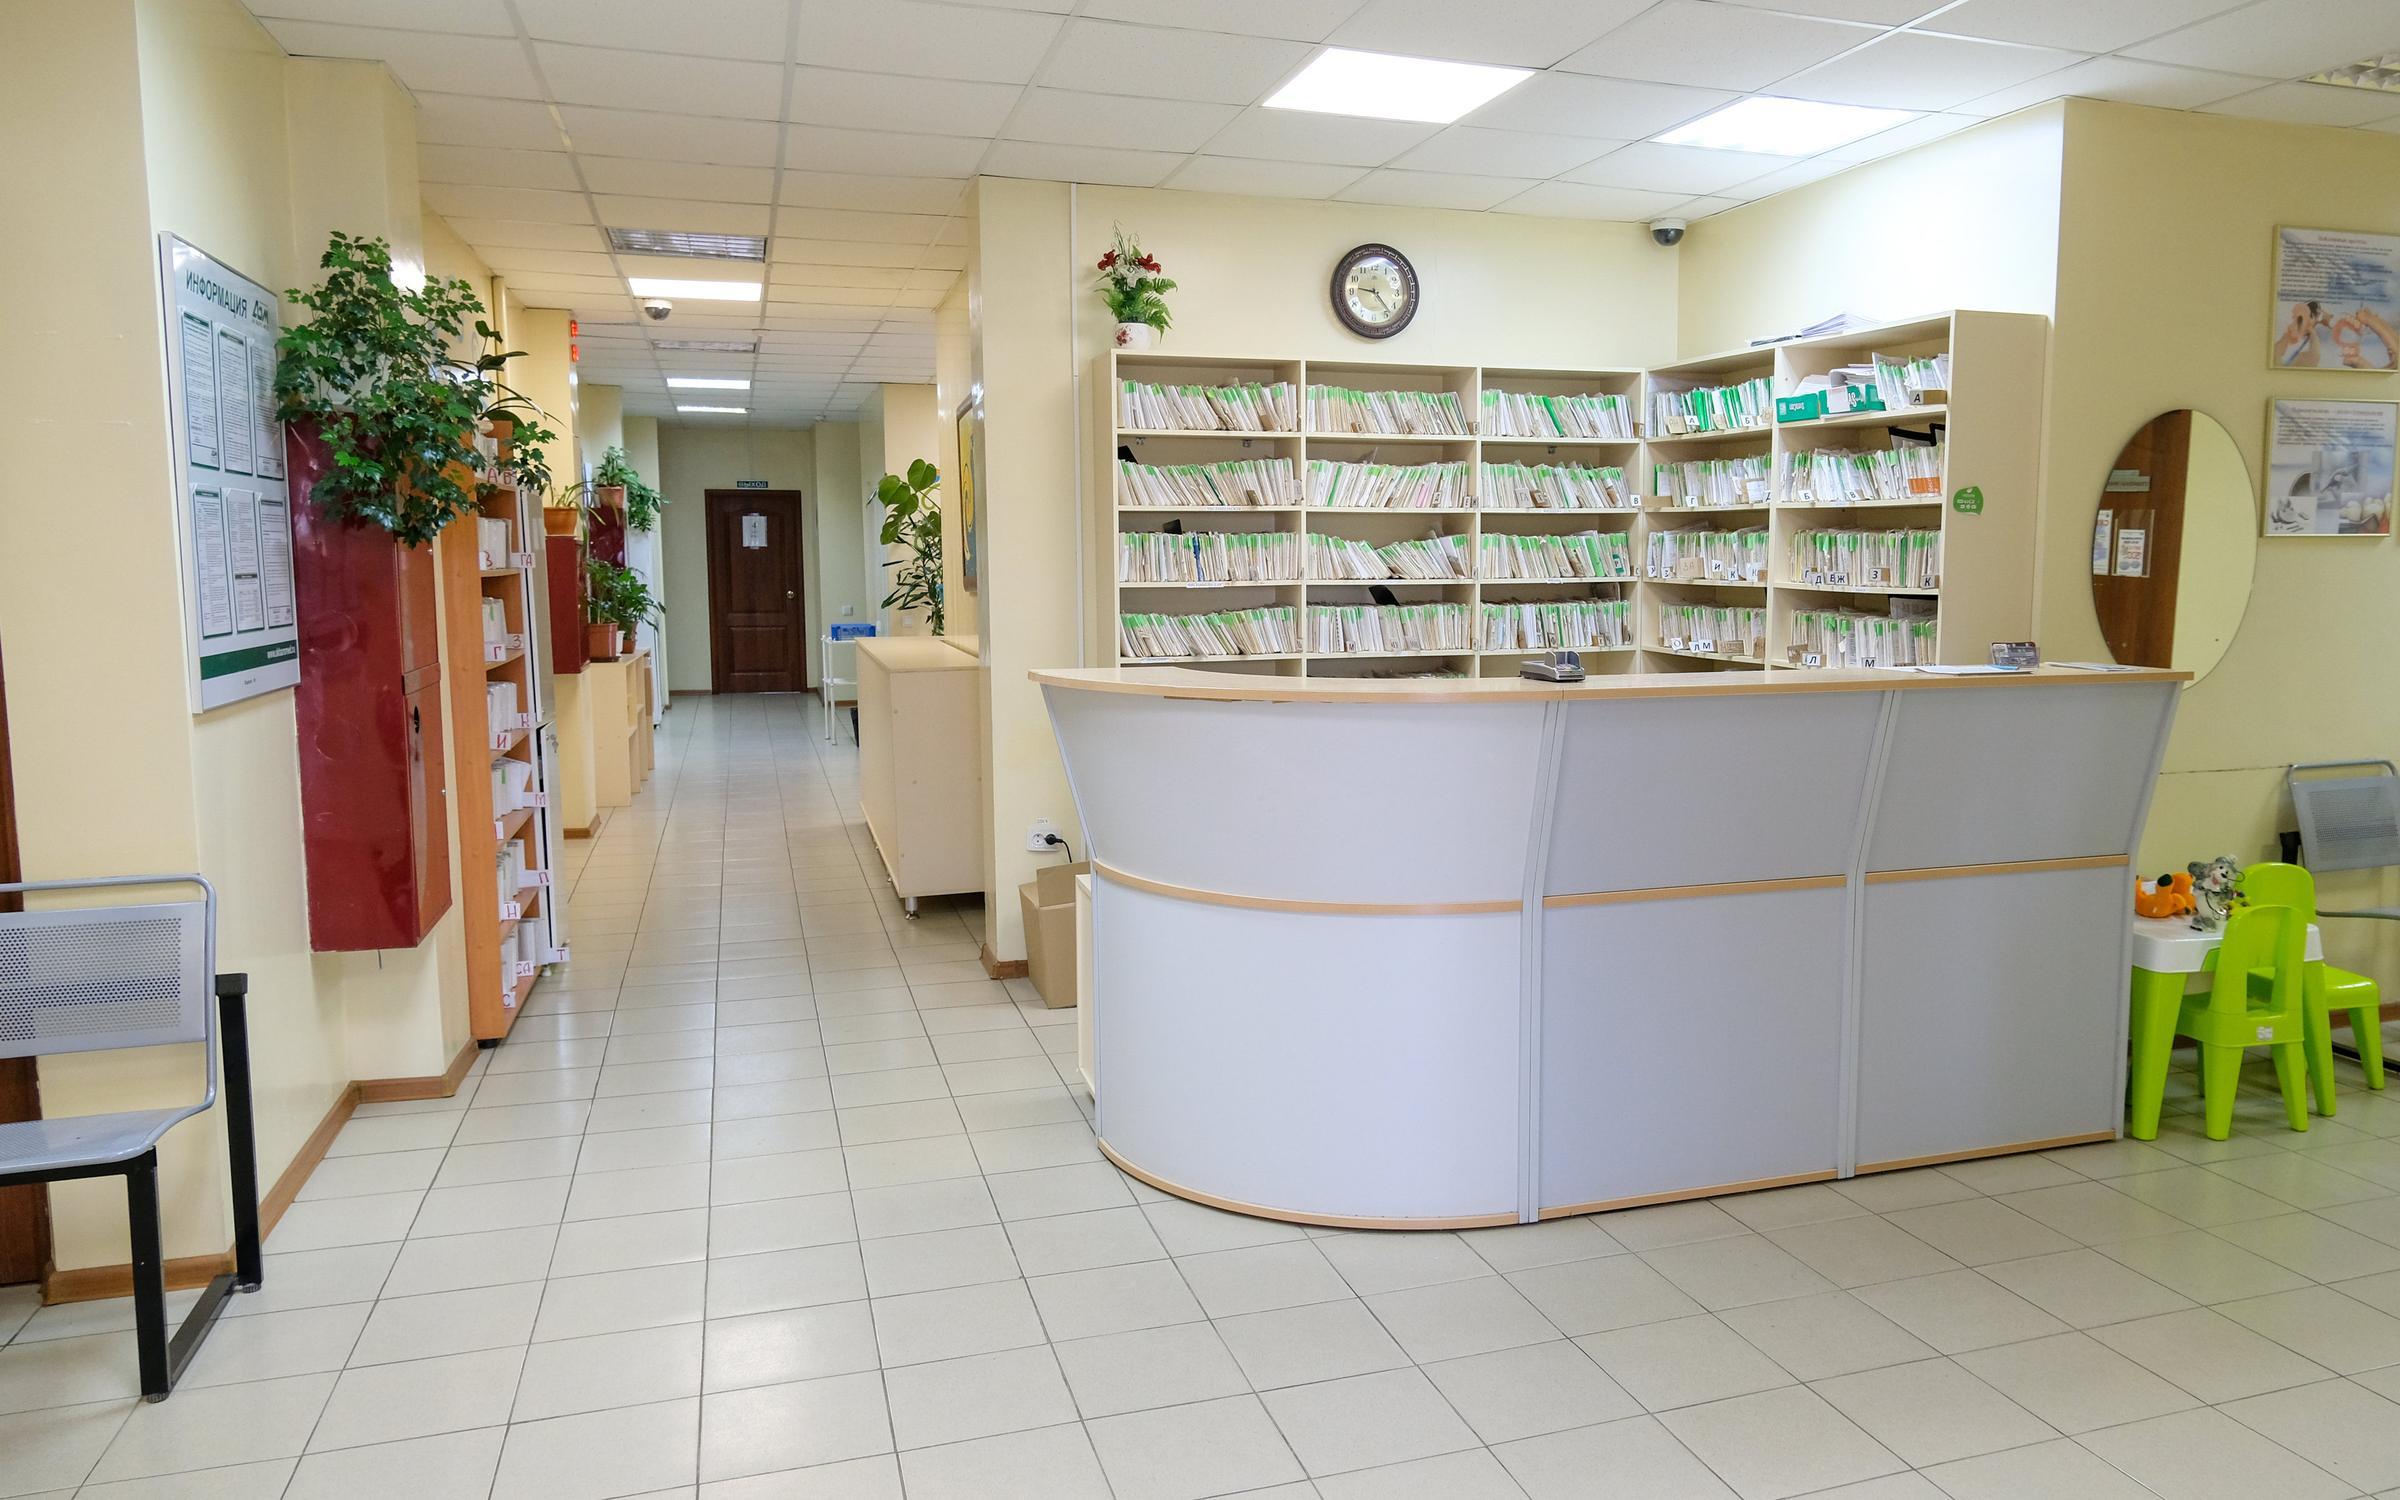 фотография Консультативно-диагностического центра на улице Четаева, 34а